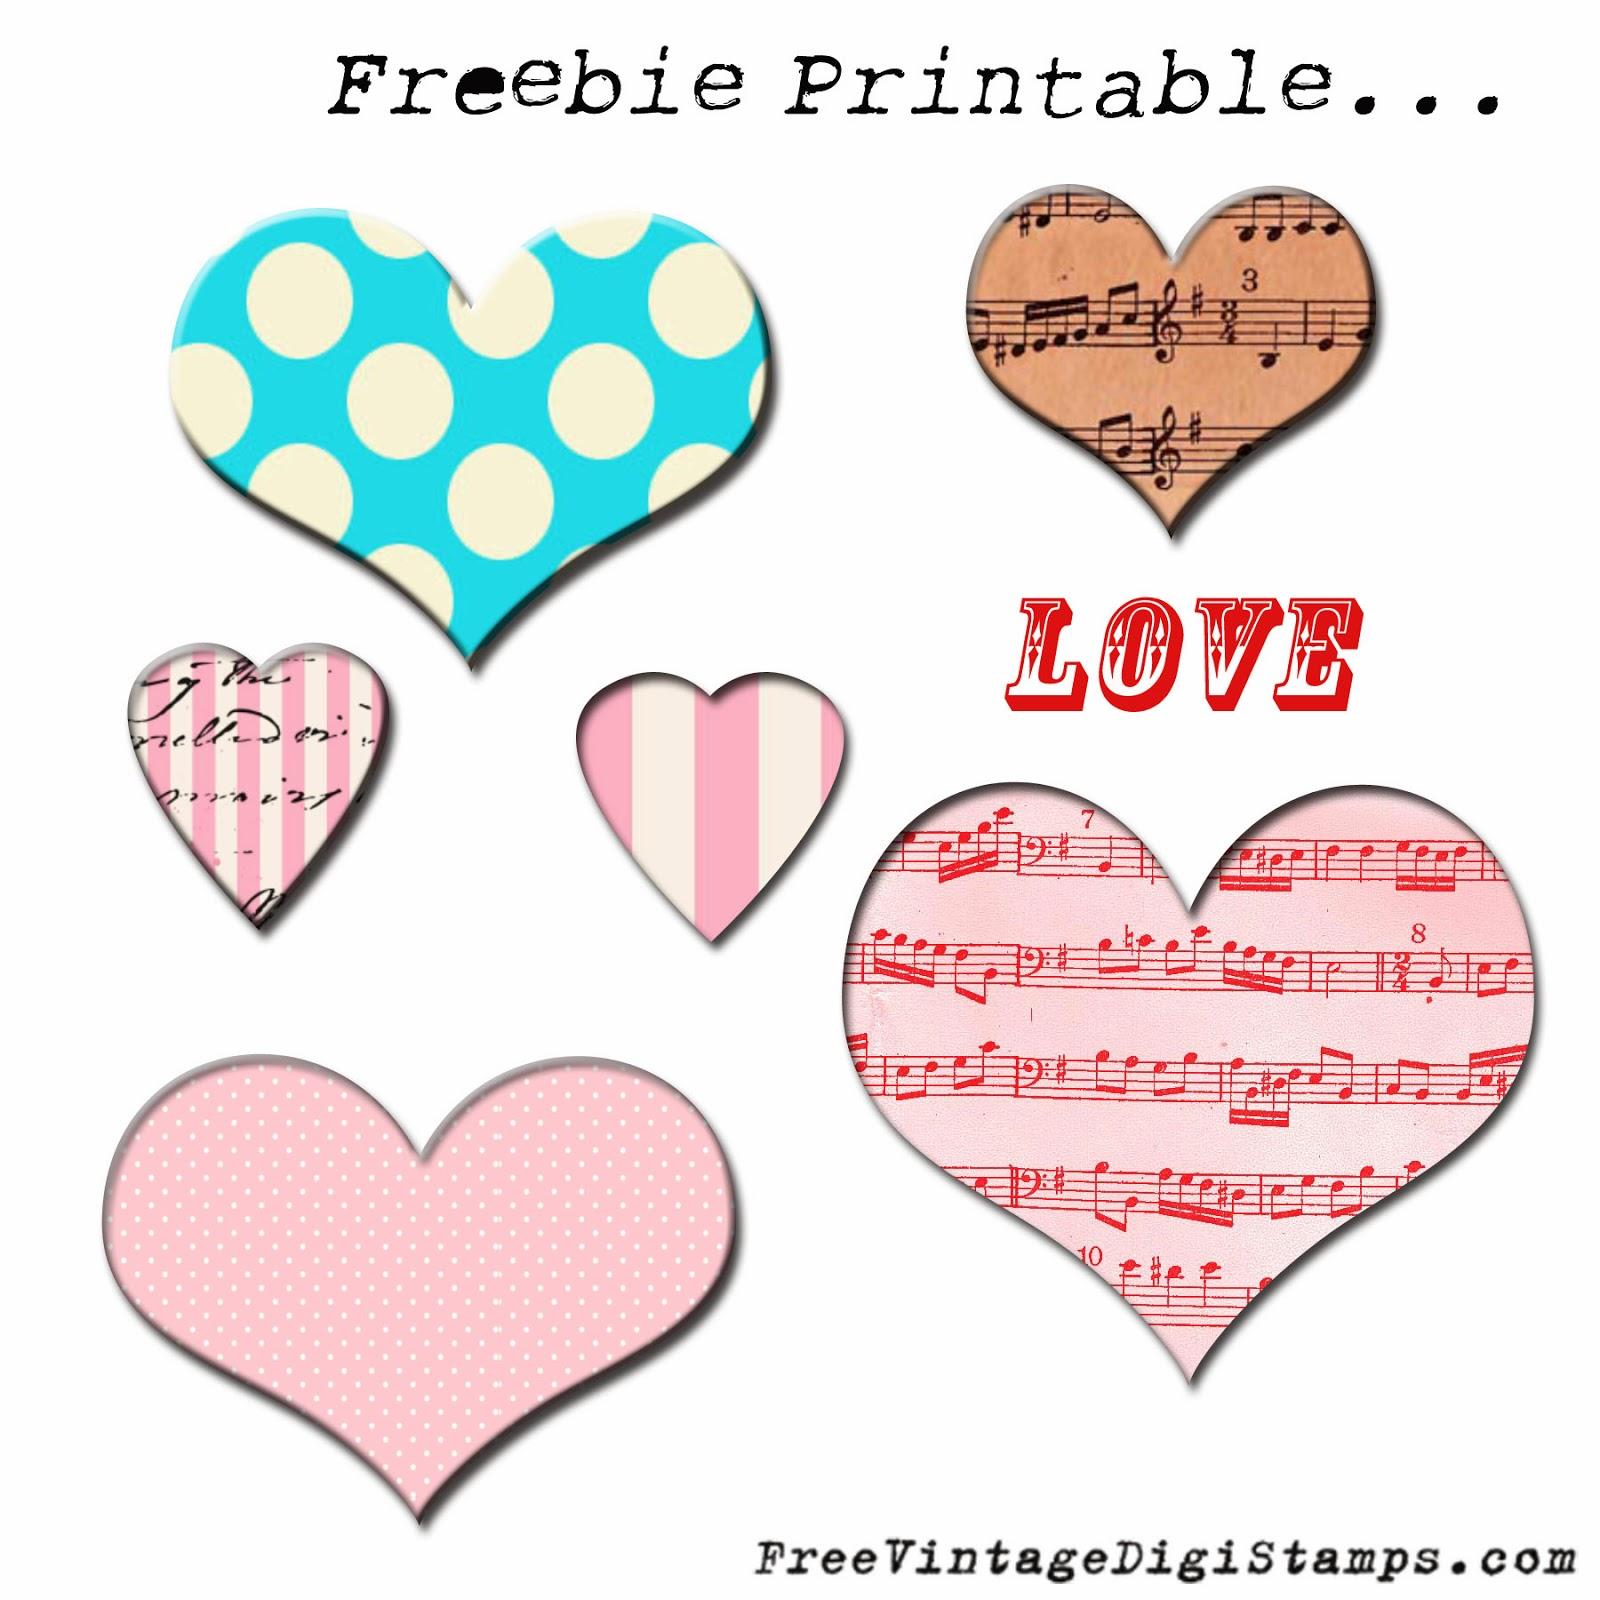 Free Vintage Digital Stamps Freebie Printable